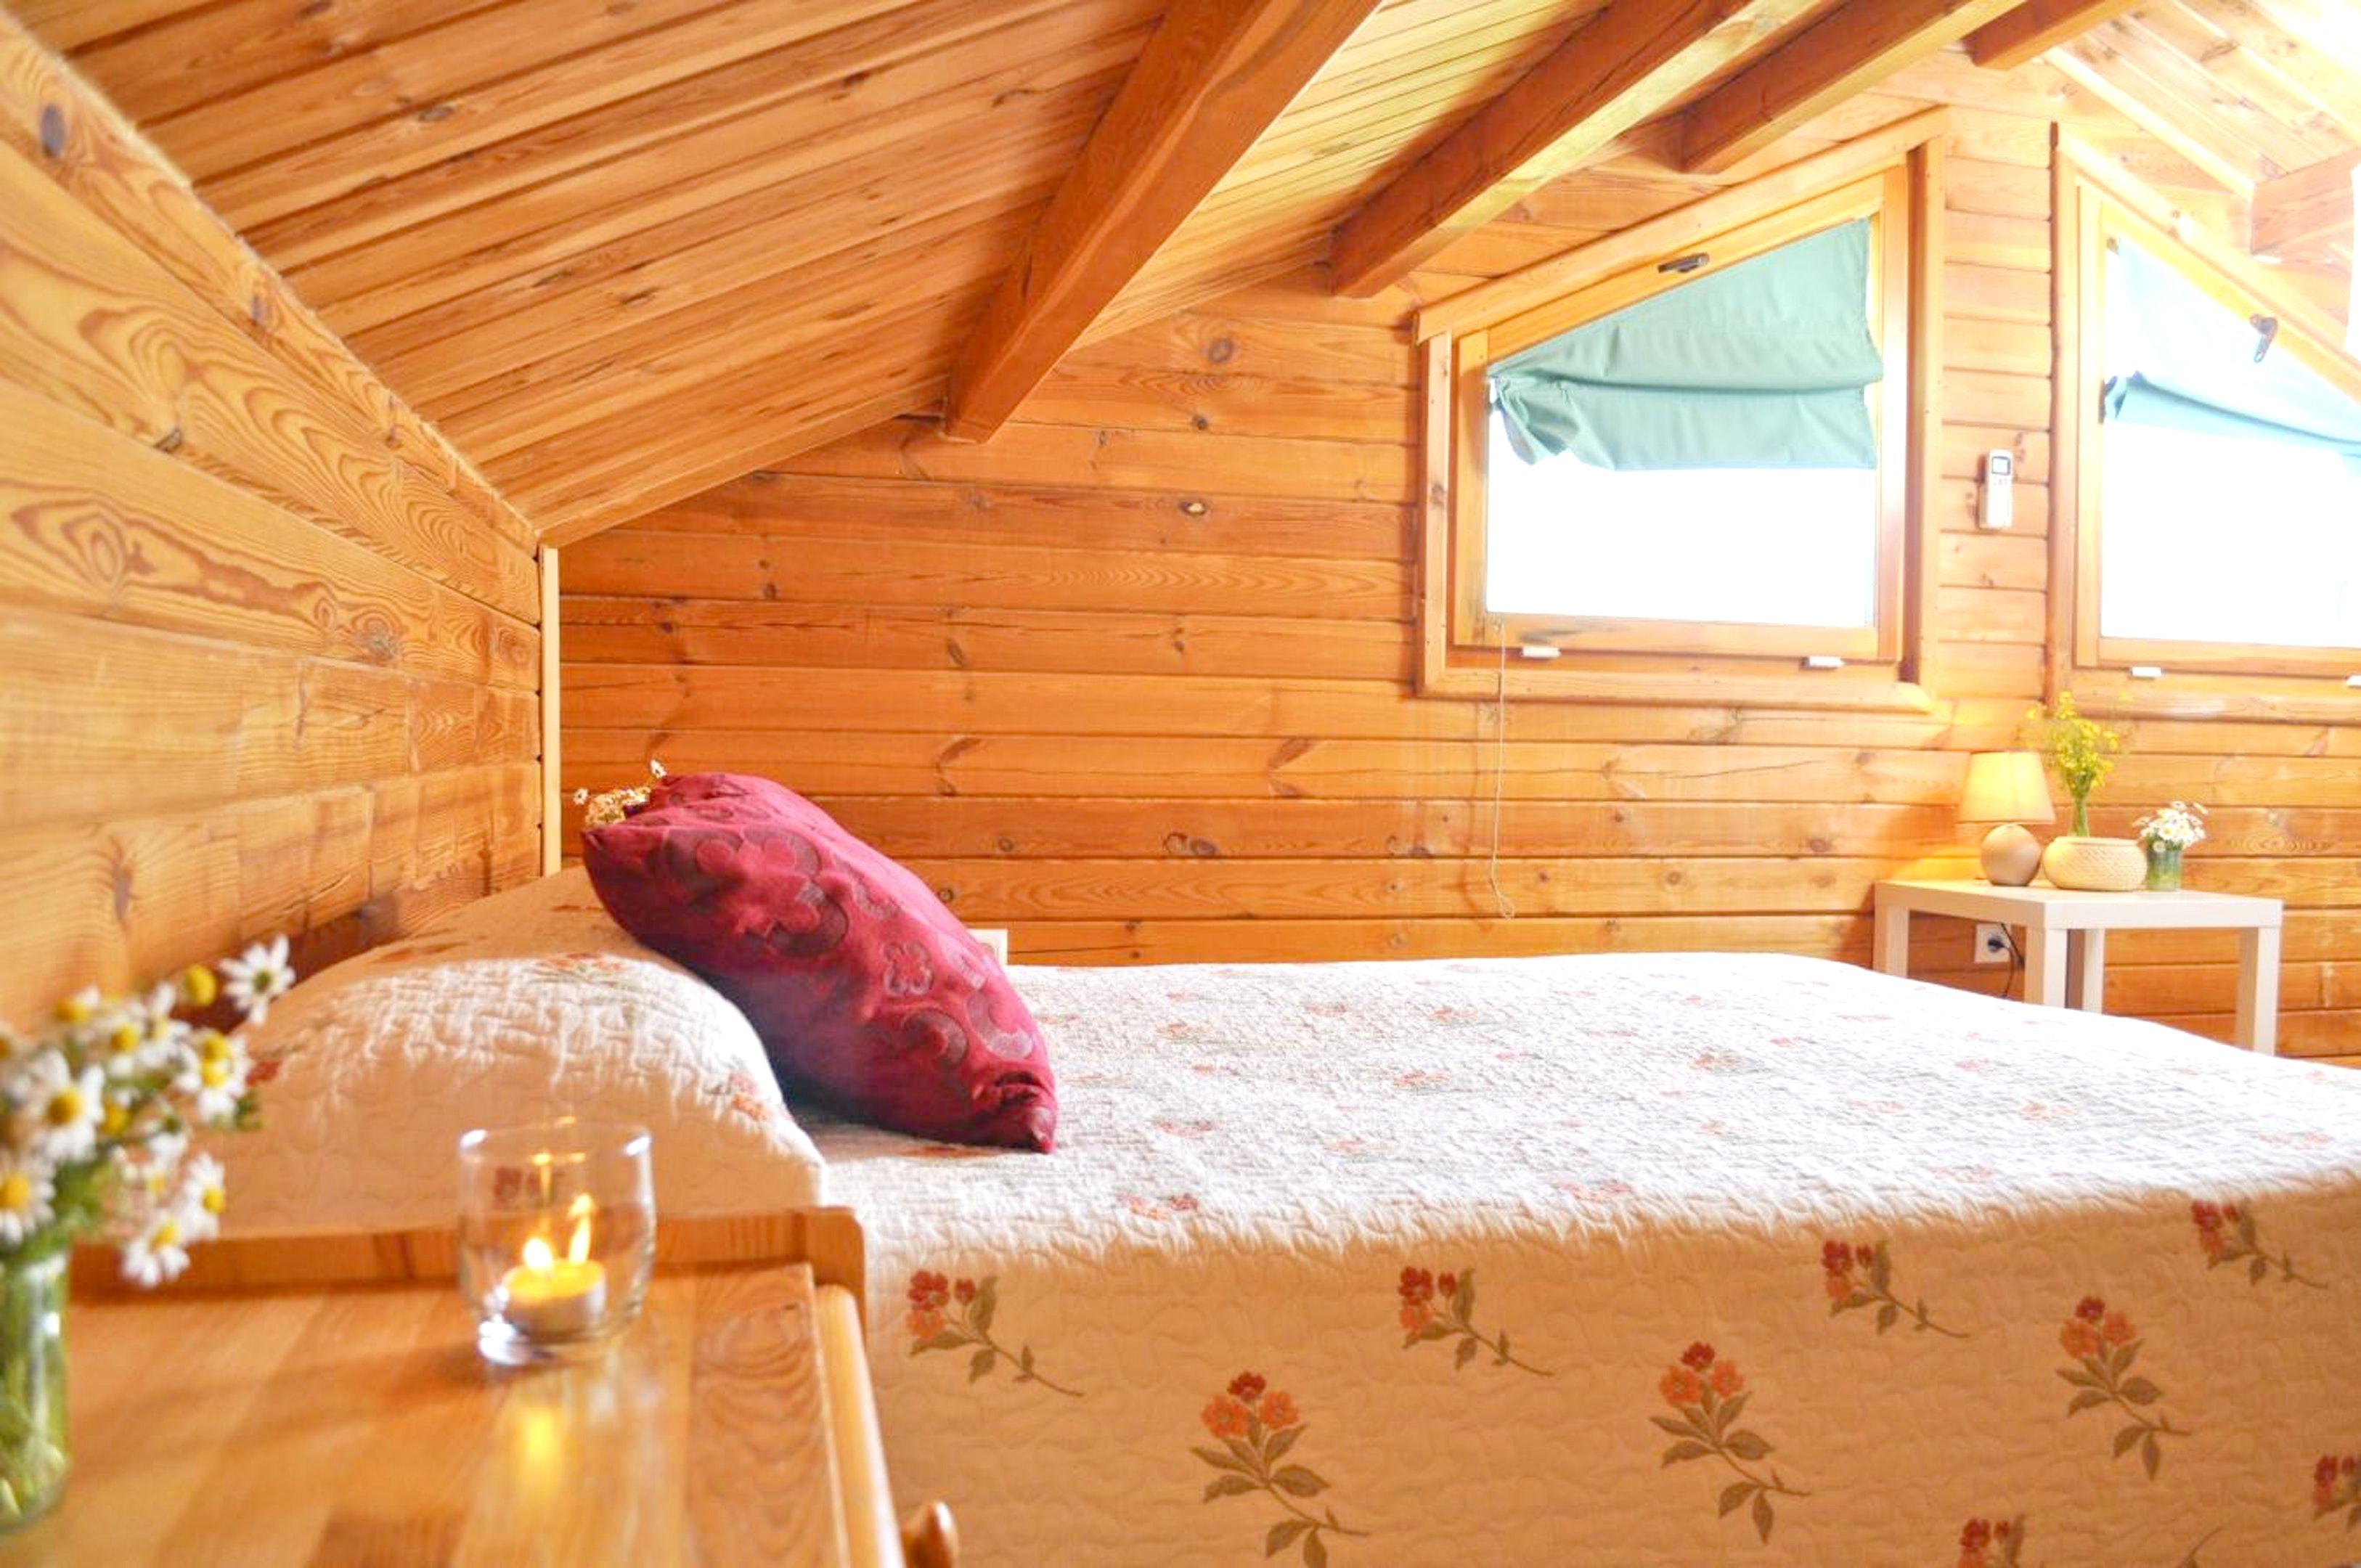 Ferienhaus Haus mit 3 Schlafzimmern in El Robledo mit toller Aussicht auf die Berge, Pool und eingezä (2529938), El Robledo, Ciudad Real, Kastilien-La Mancha, Spanien, Bild 7